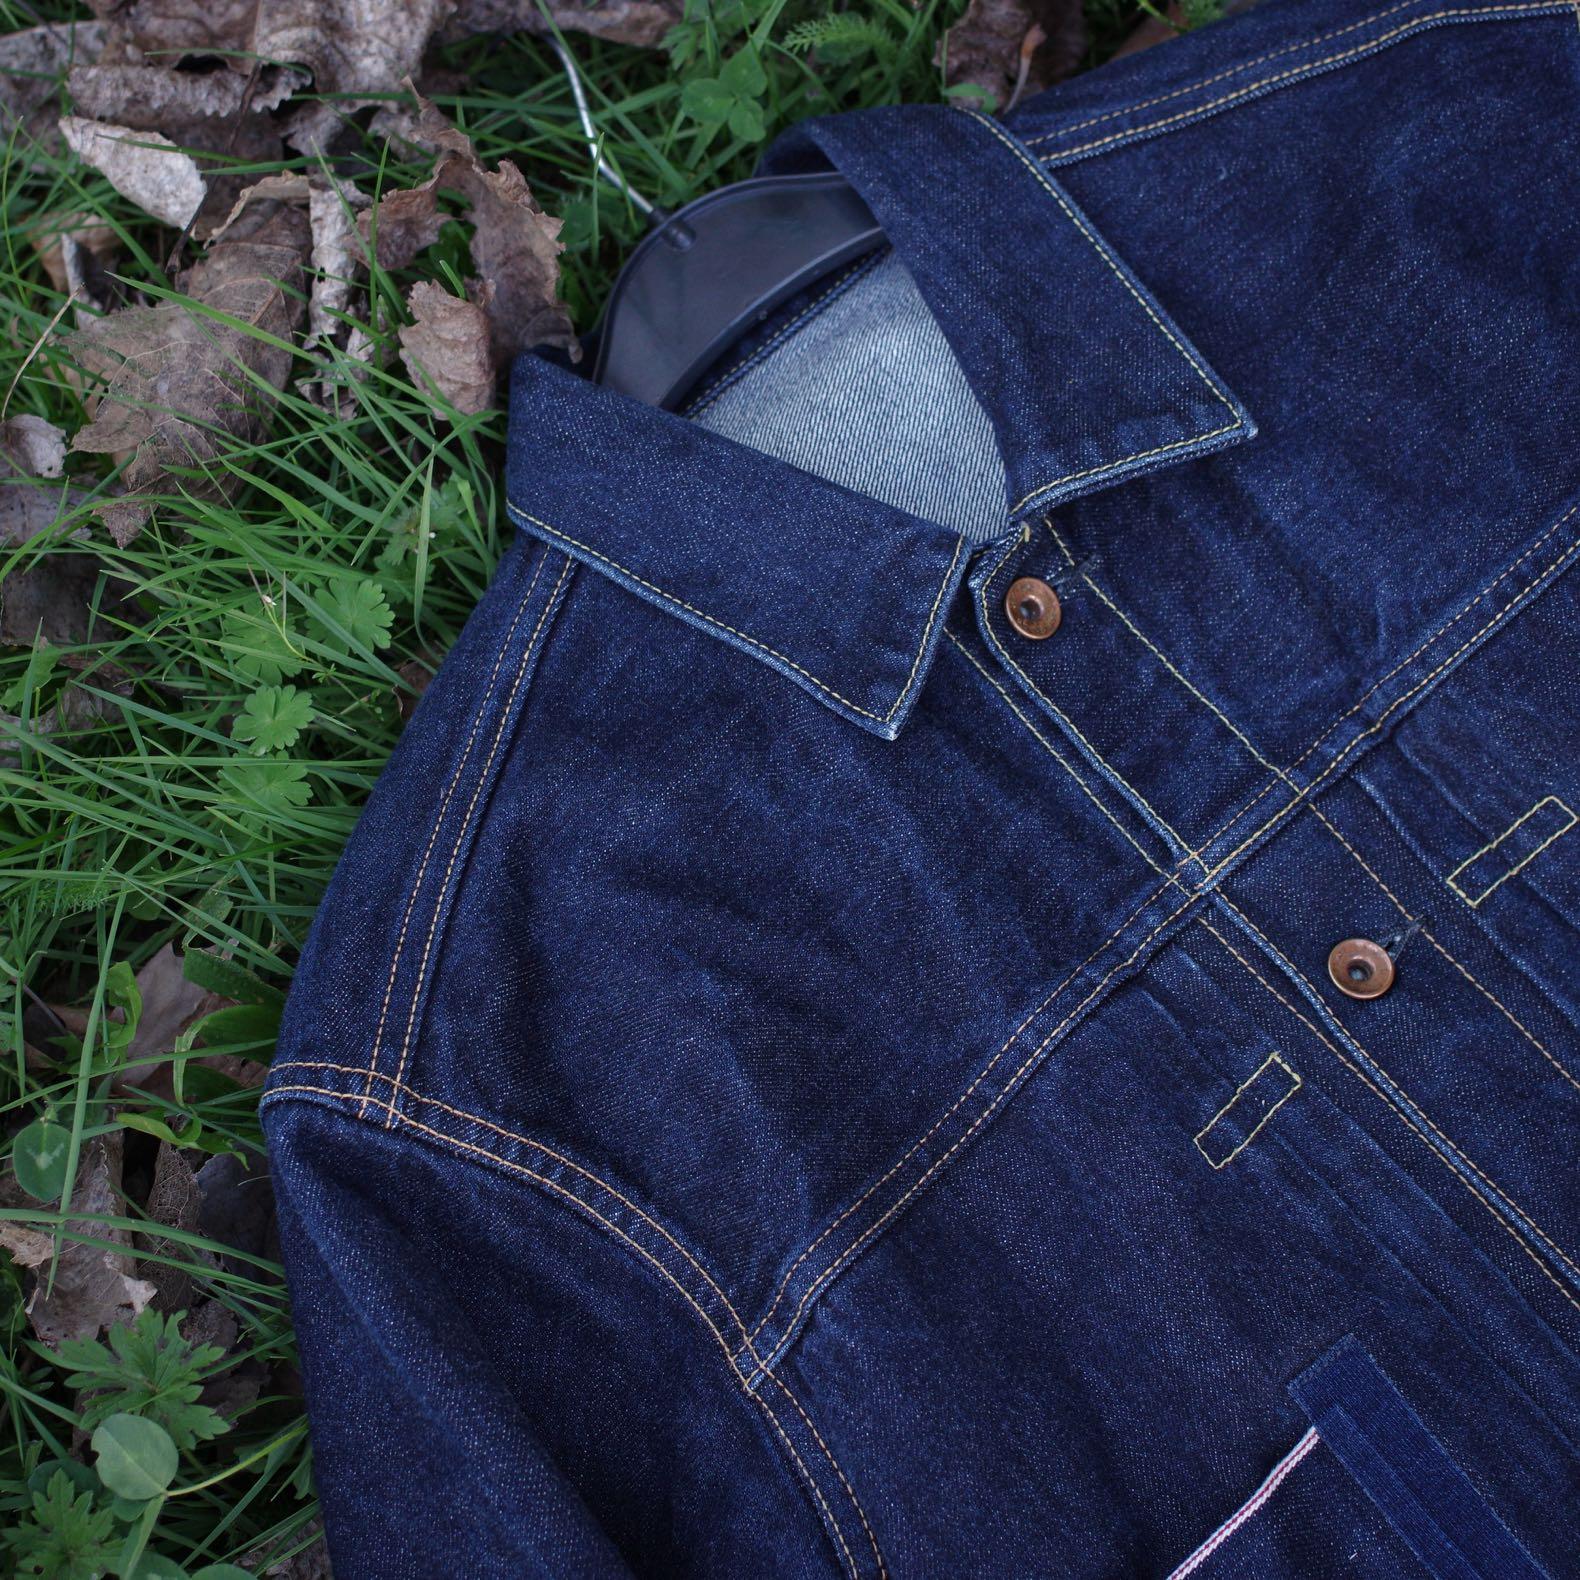 veste en jean Phi denim dans une toile japonaise indigo posée sur l'herbe